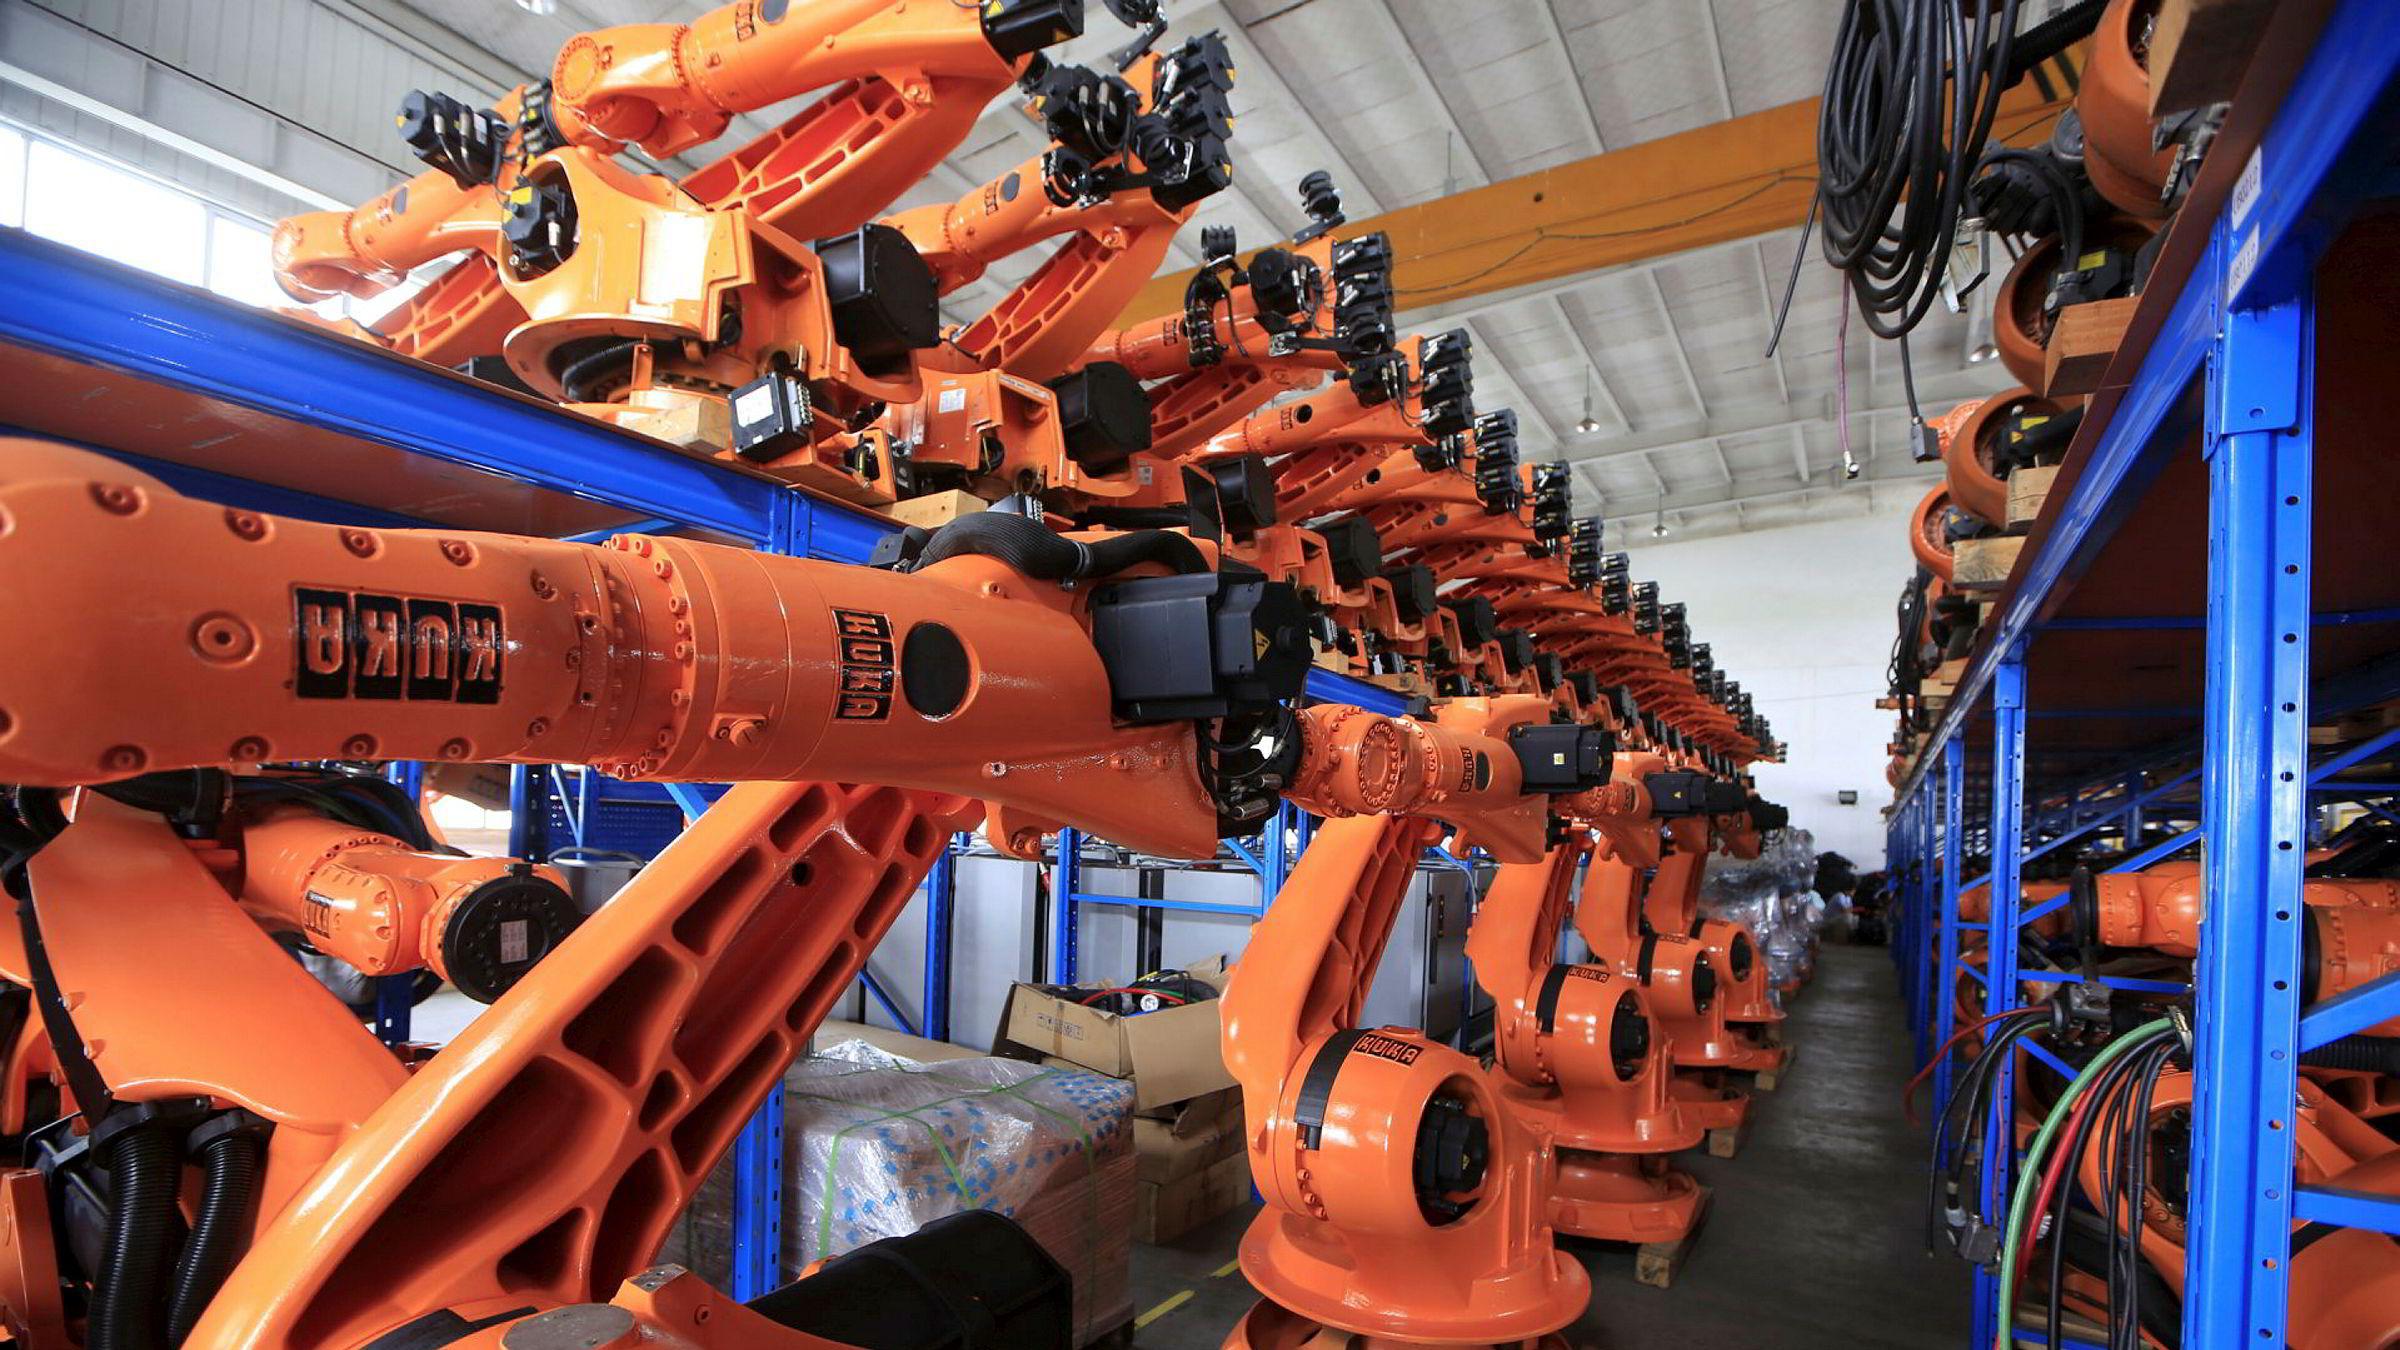 Brukte roboter klargjort for salg i Shanghai i Kina.